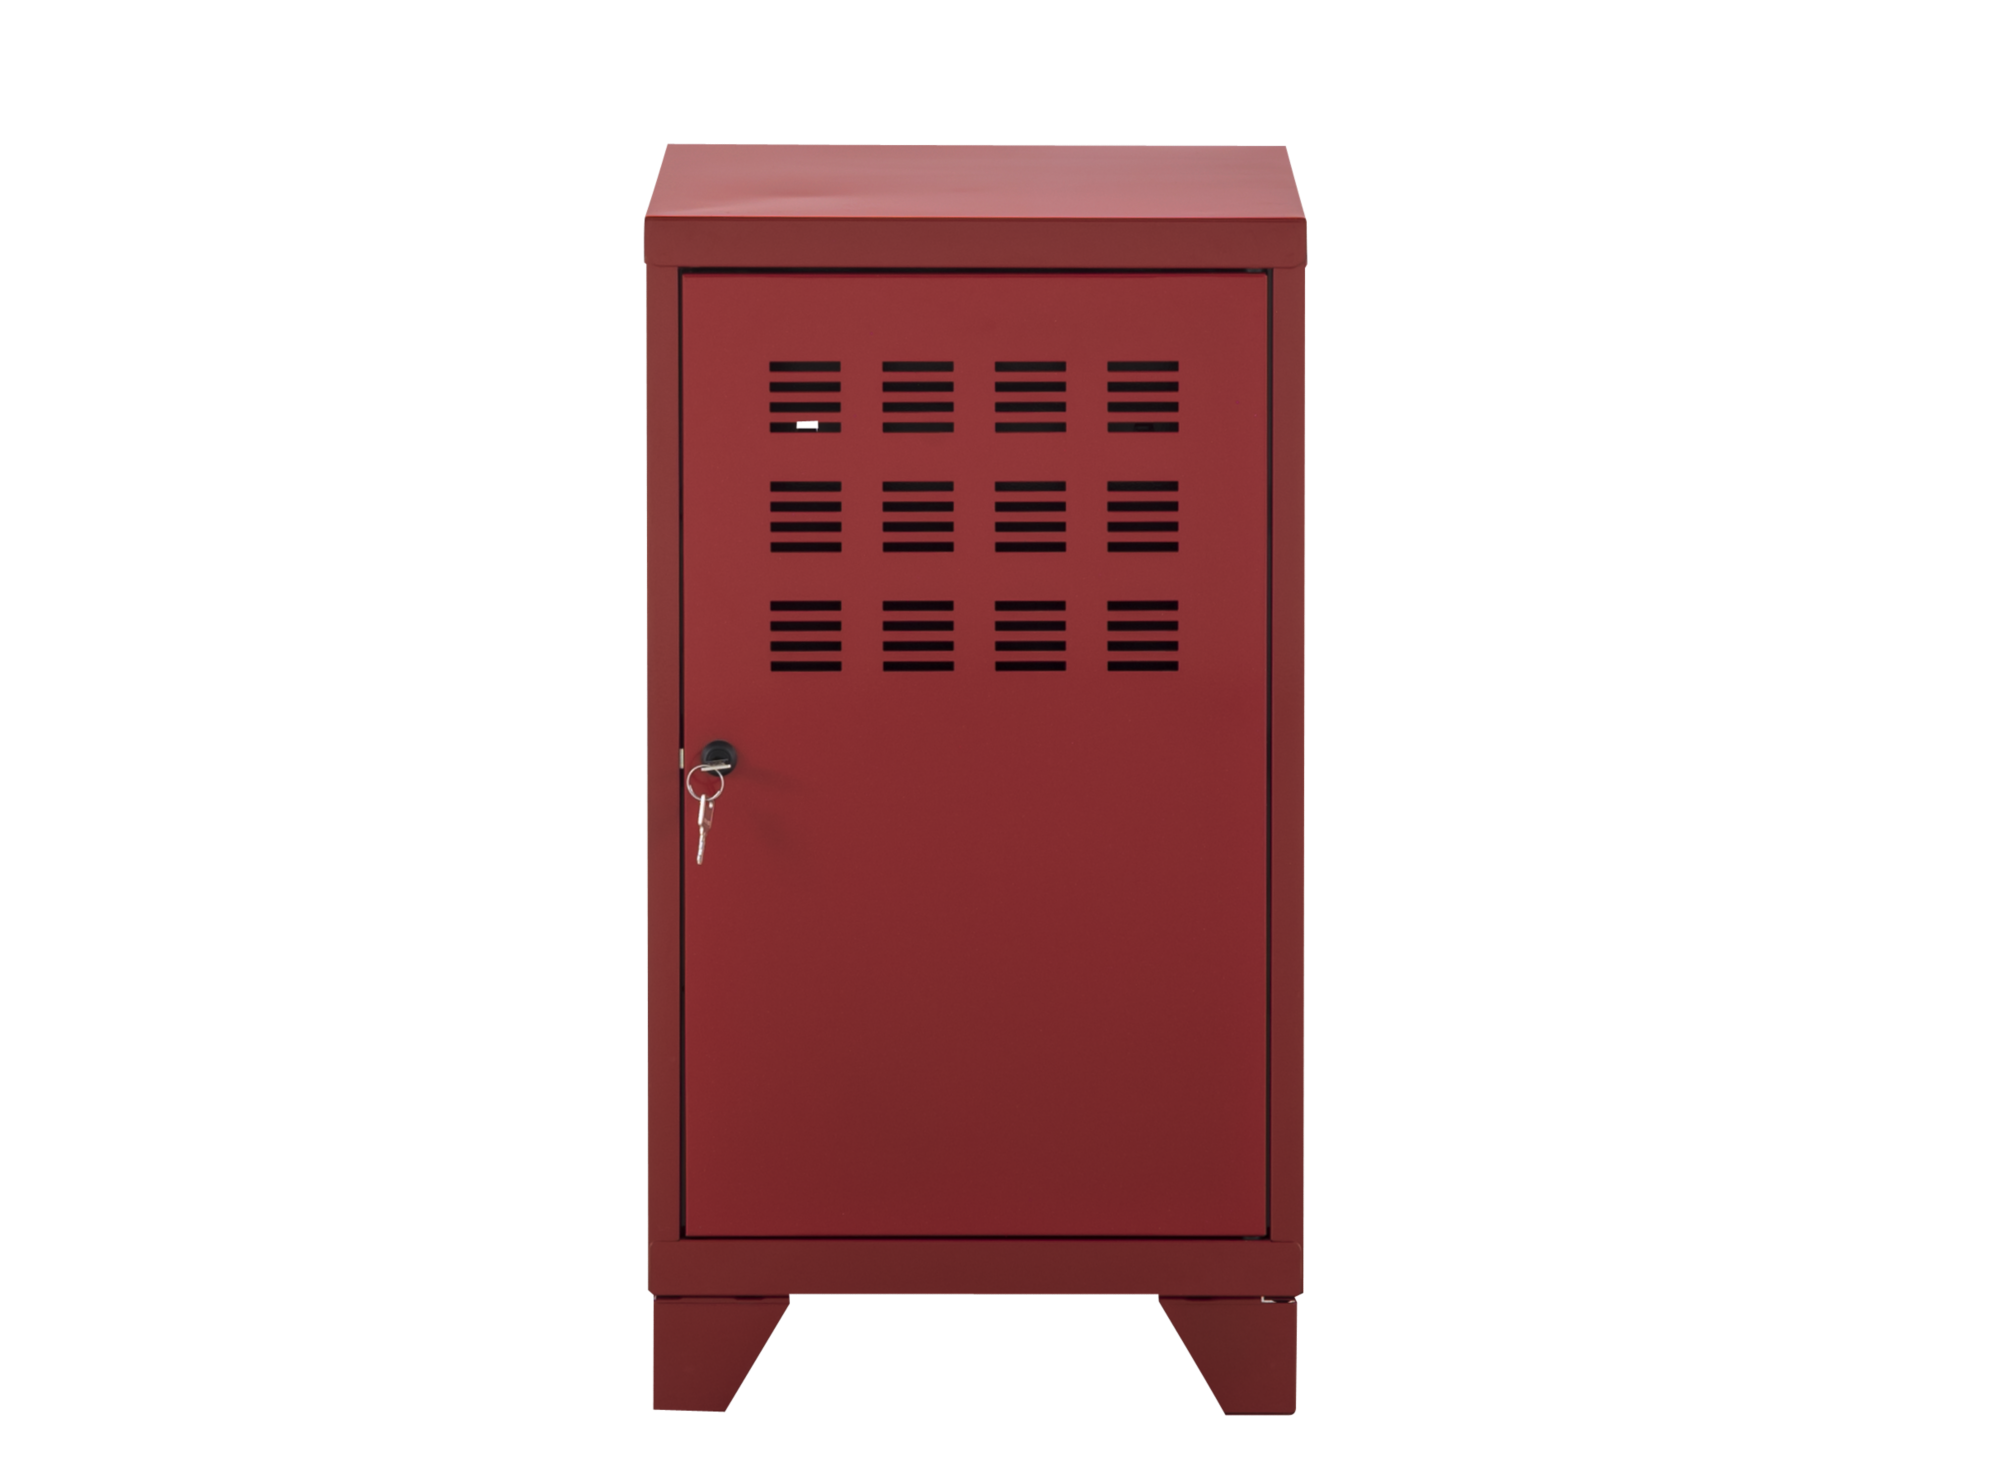 Rangement 1 porte h75 metal rouge meuble de rangement for Meuble acier fly